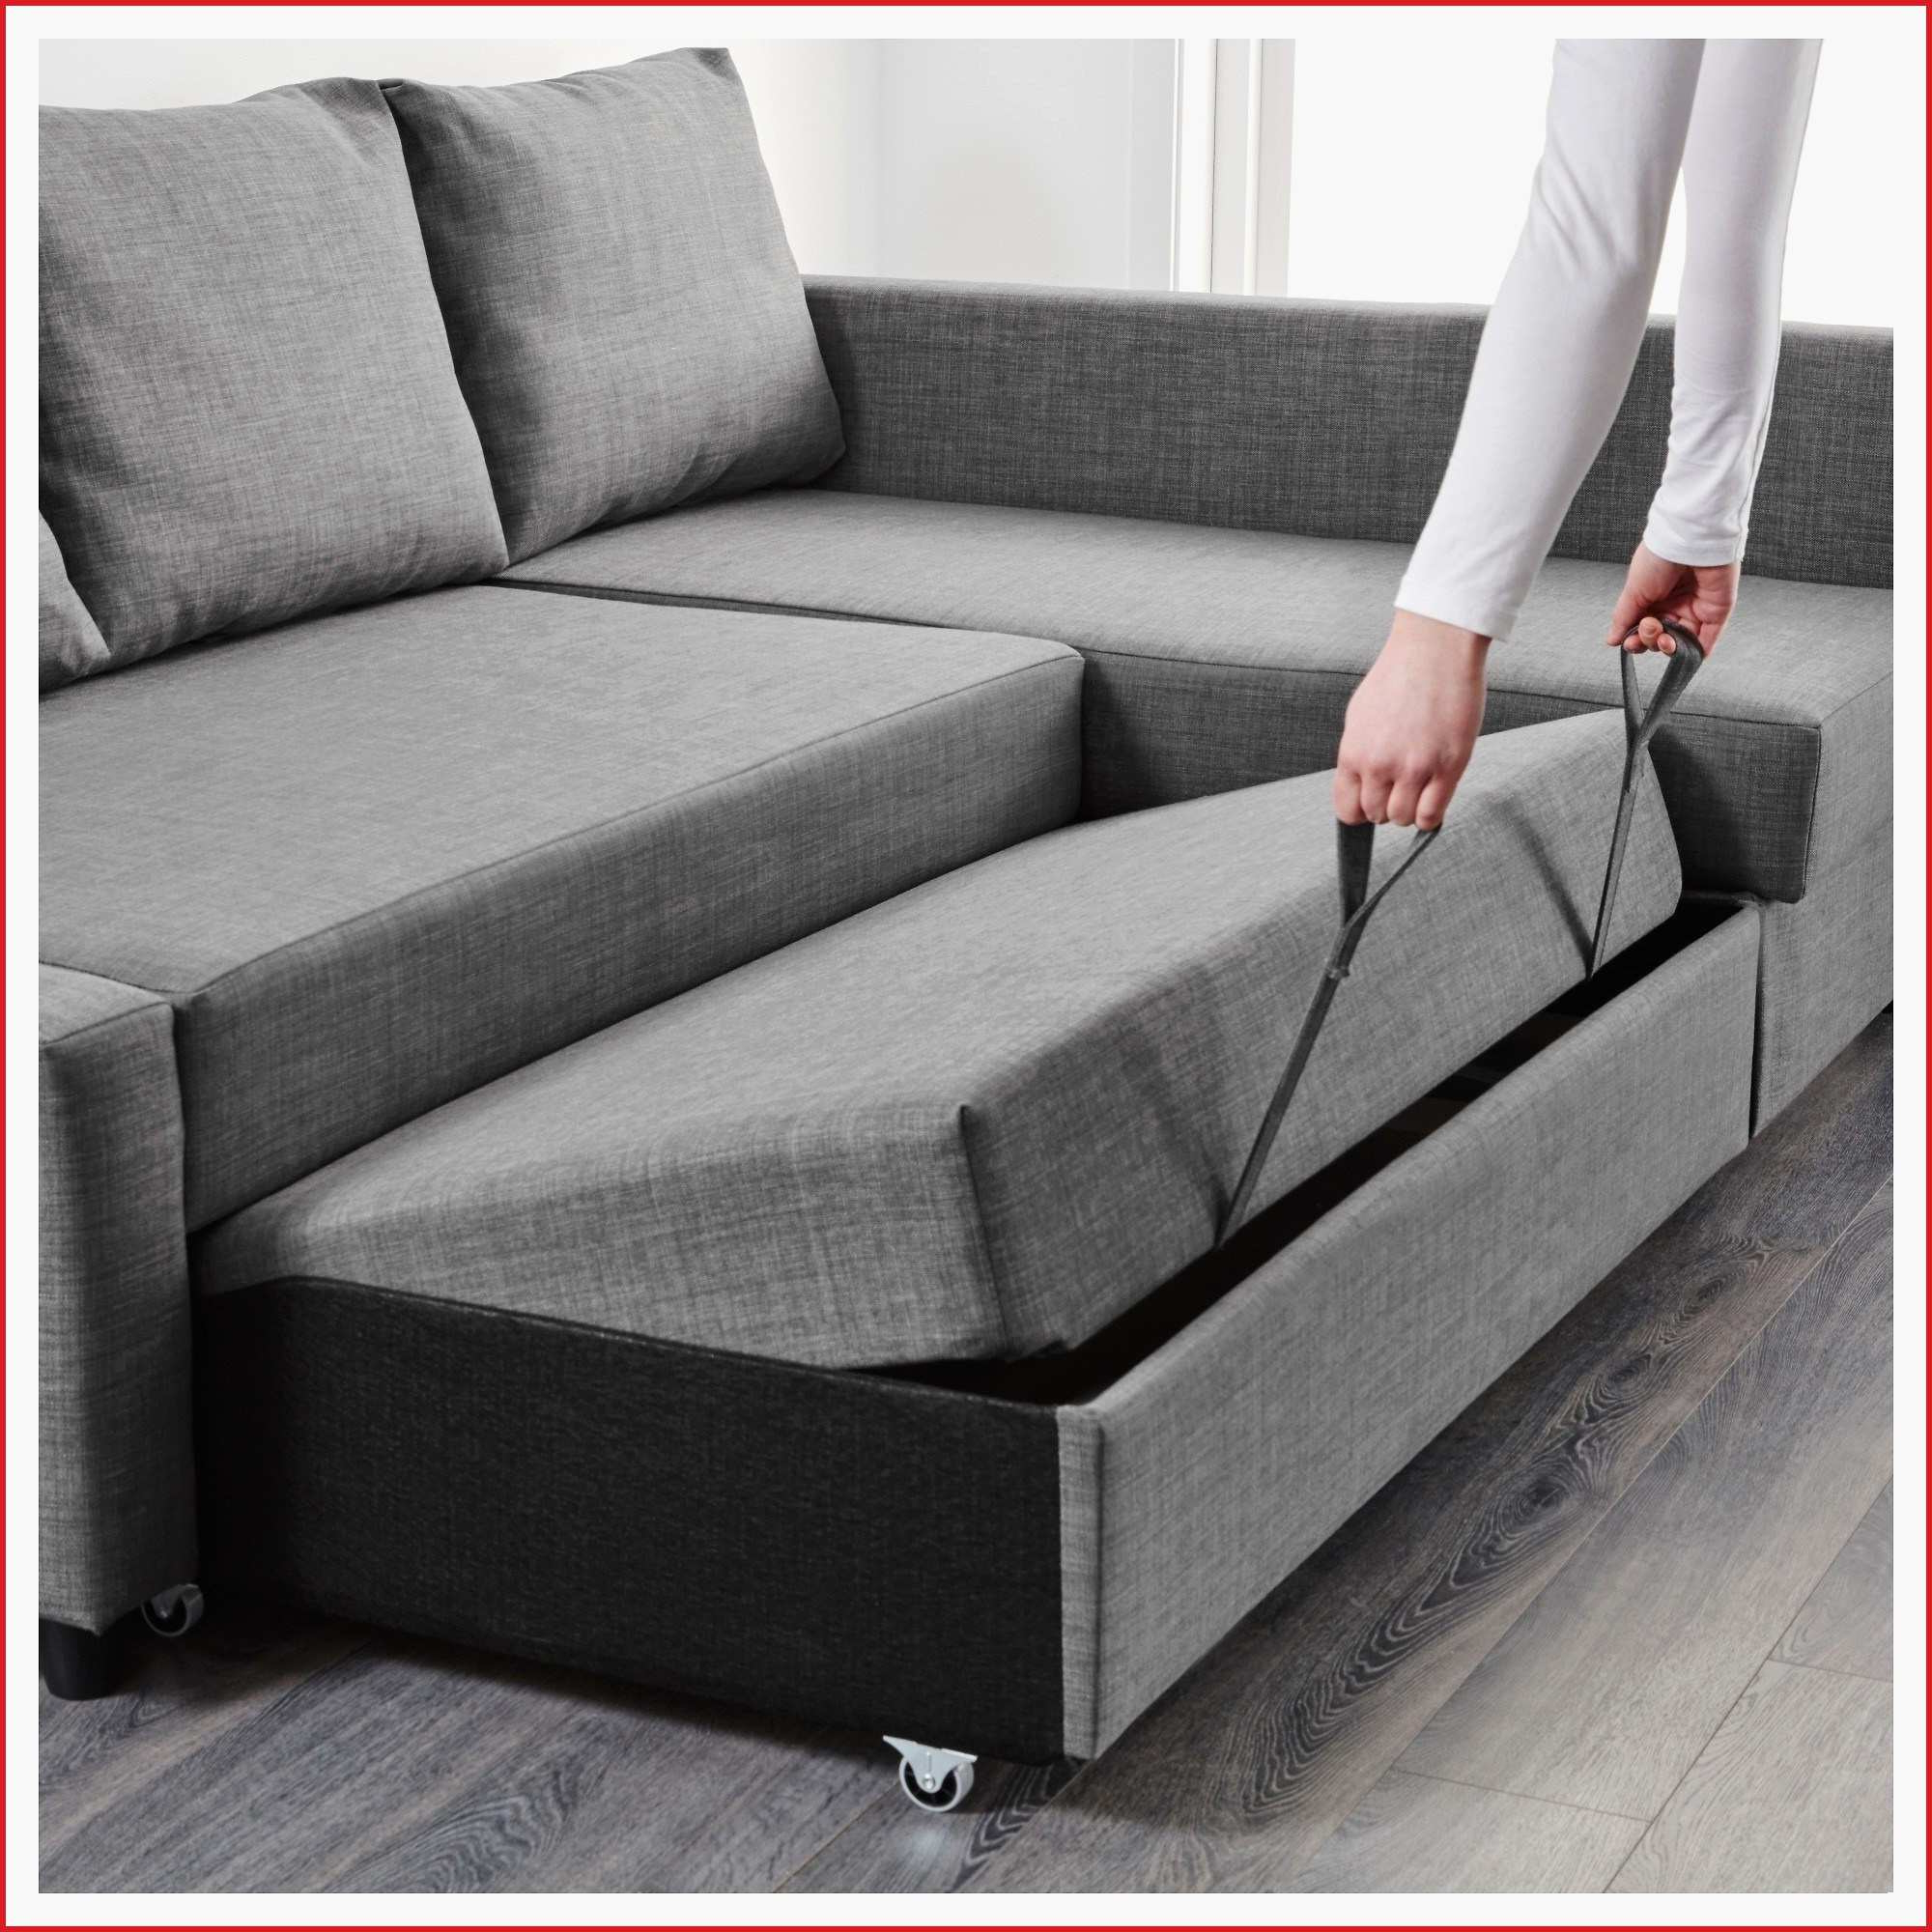 Venta De sofas Online Y7du Venta Online De Muebles Modernos sofas Cama Modernos Y